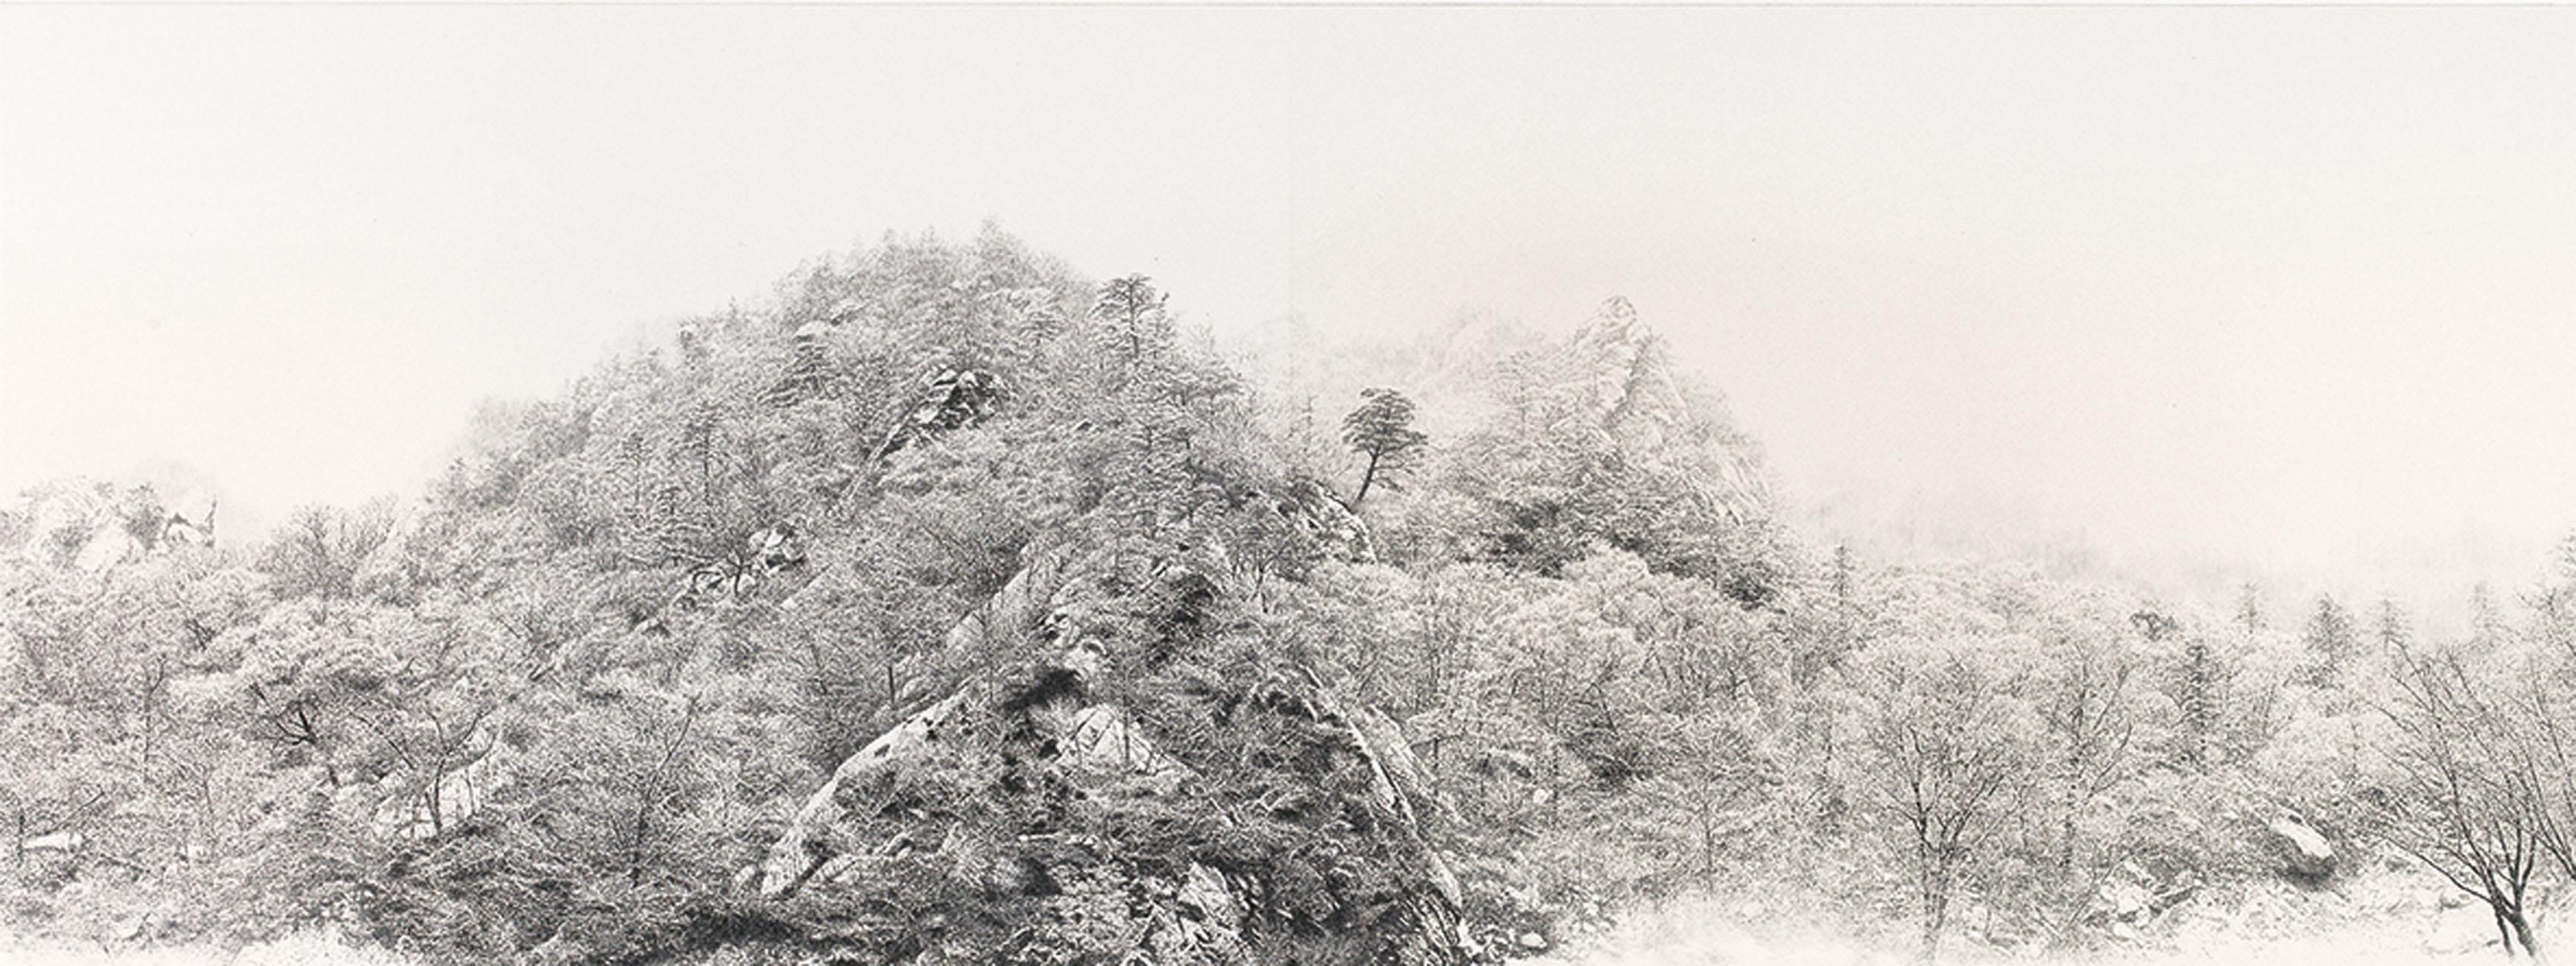 Auspicious Snow 2